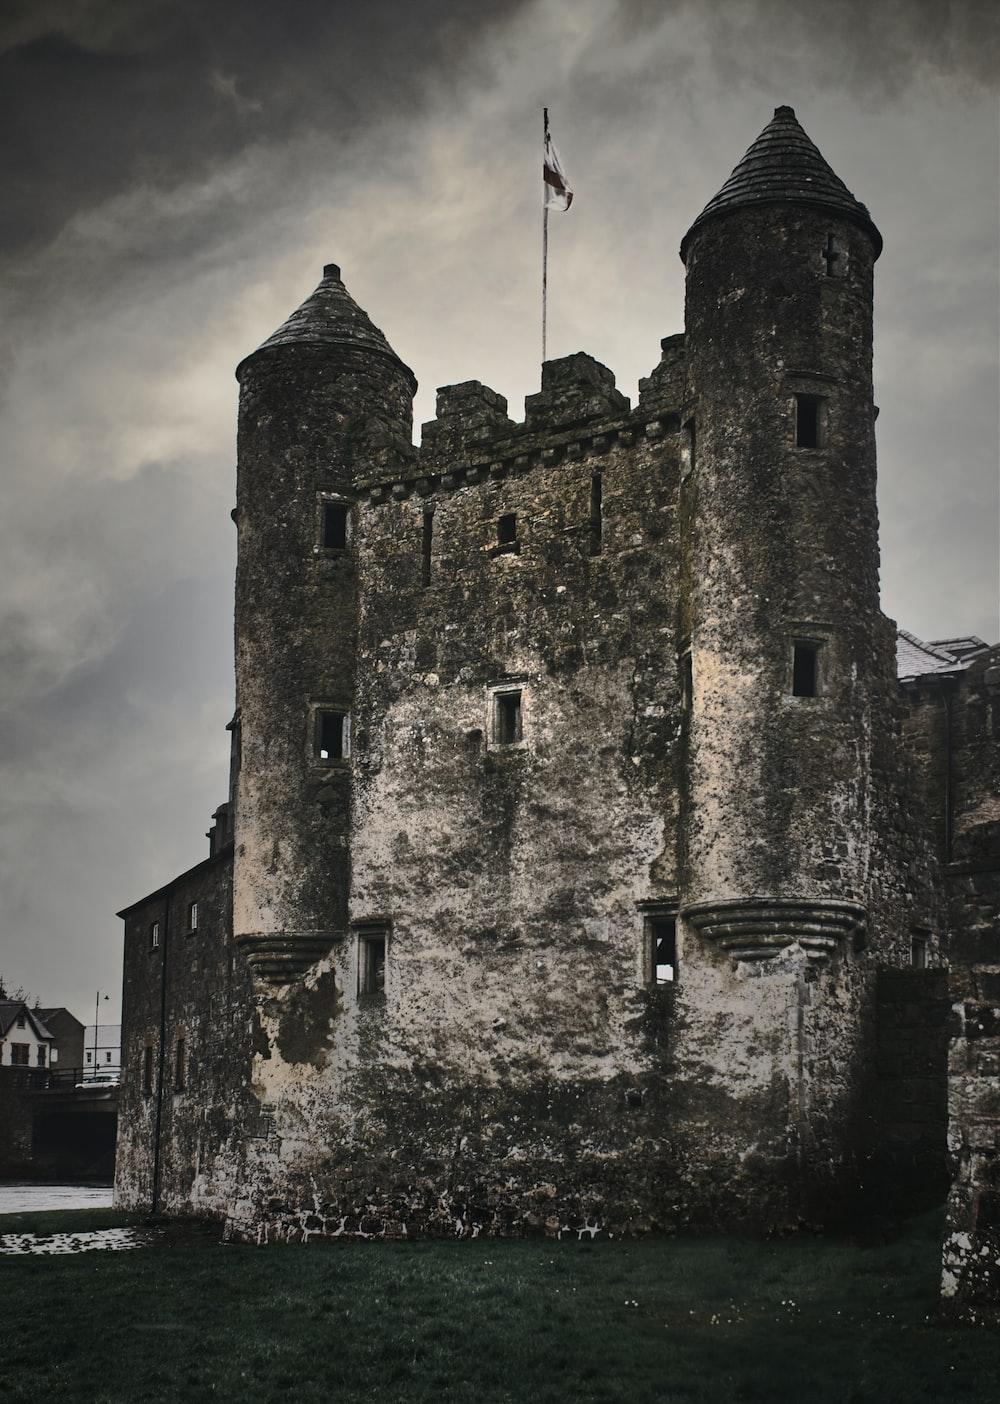 gray concrete castle under cloudy sky